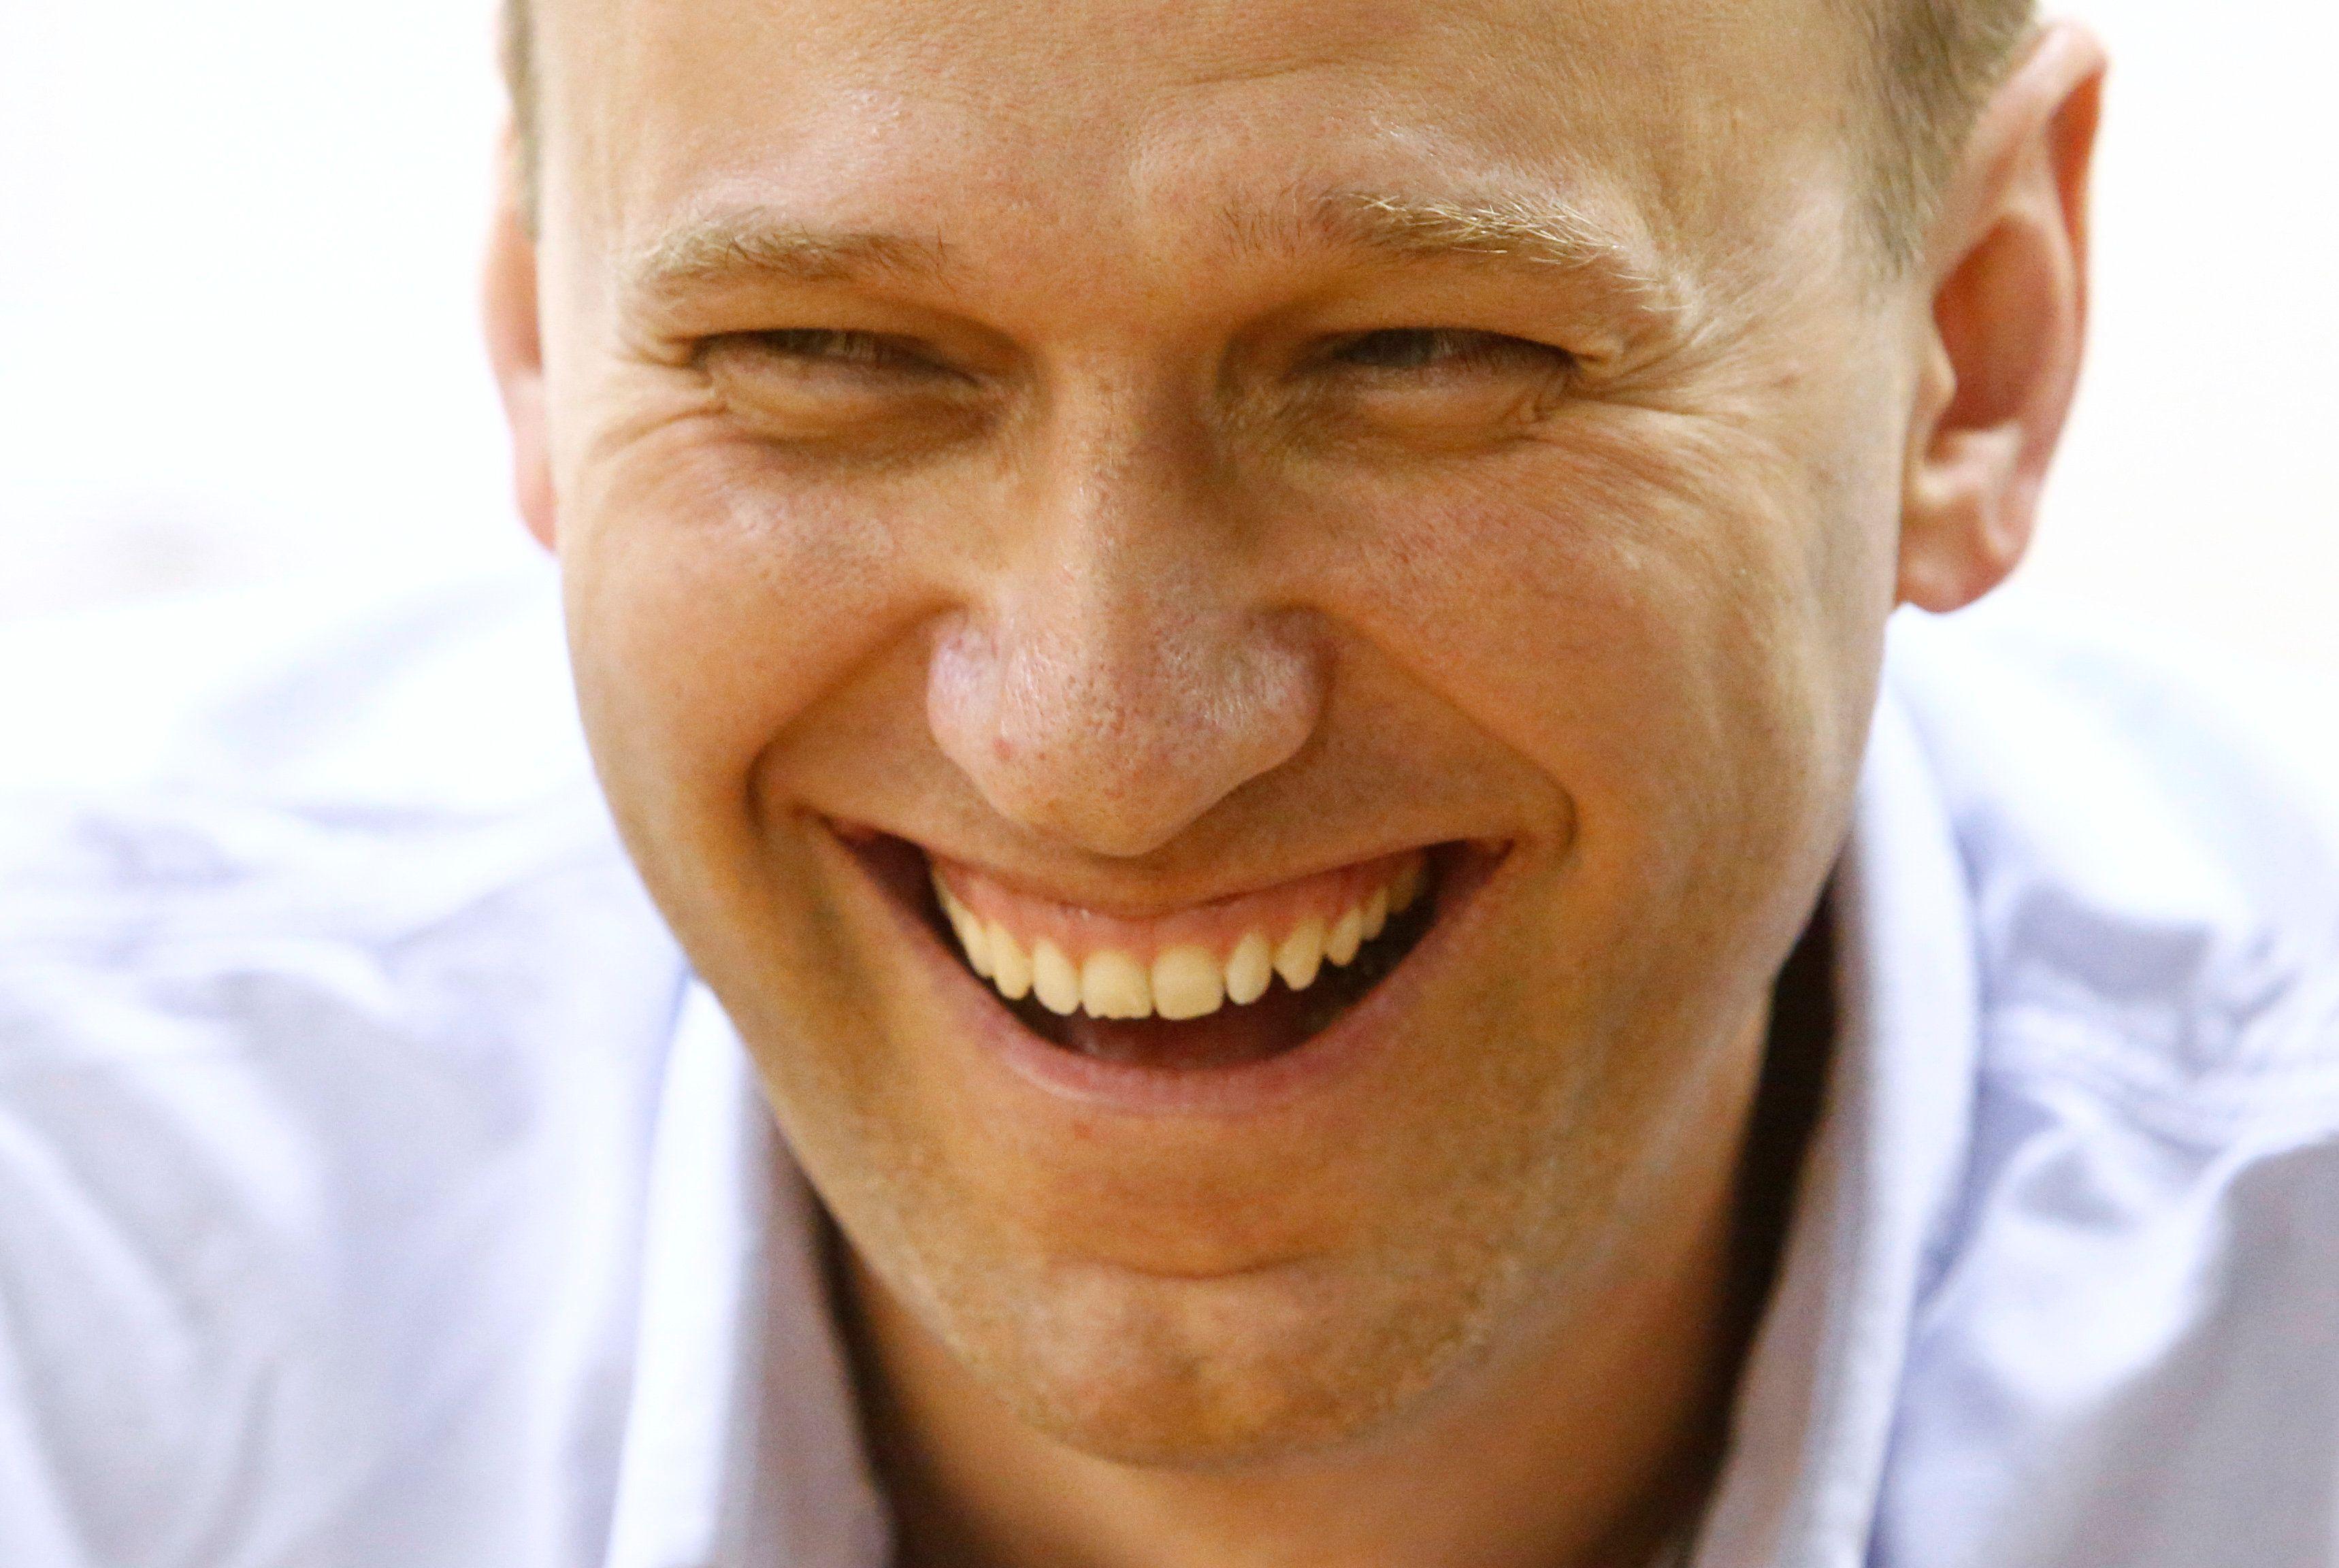 Навального специально не позволяют забрать из омской больницы, считает его соратник – Навальный новости